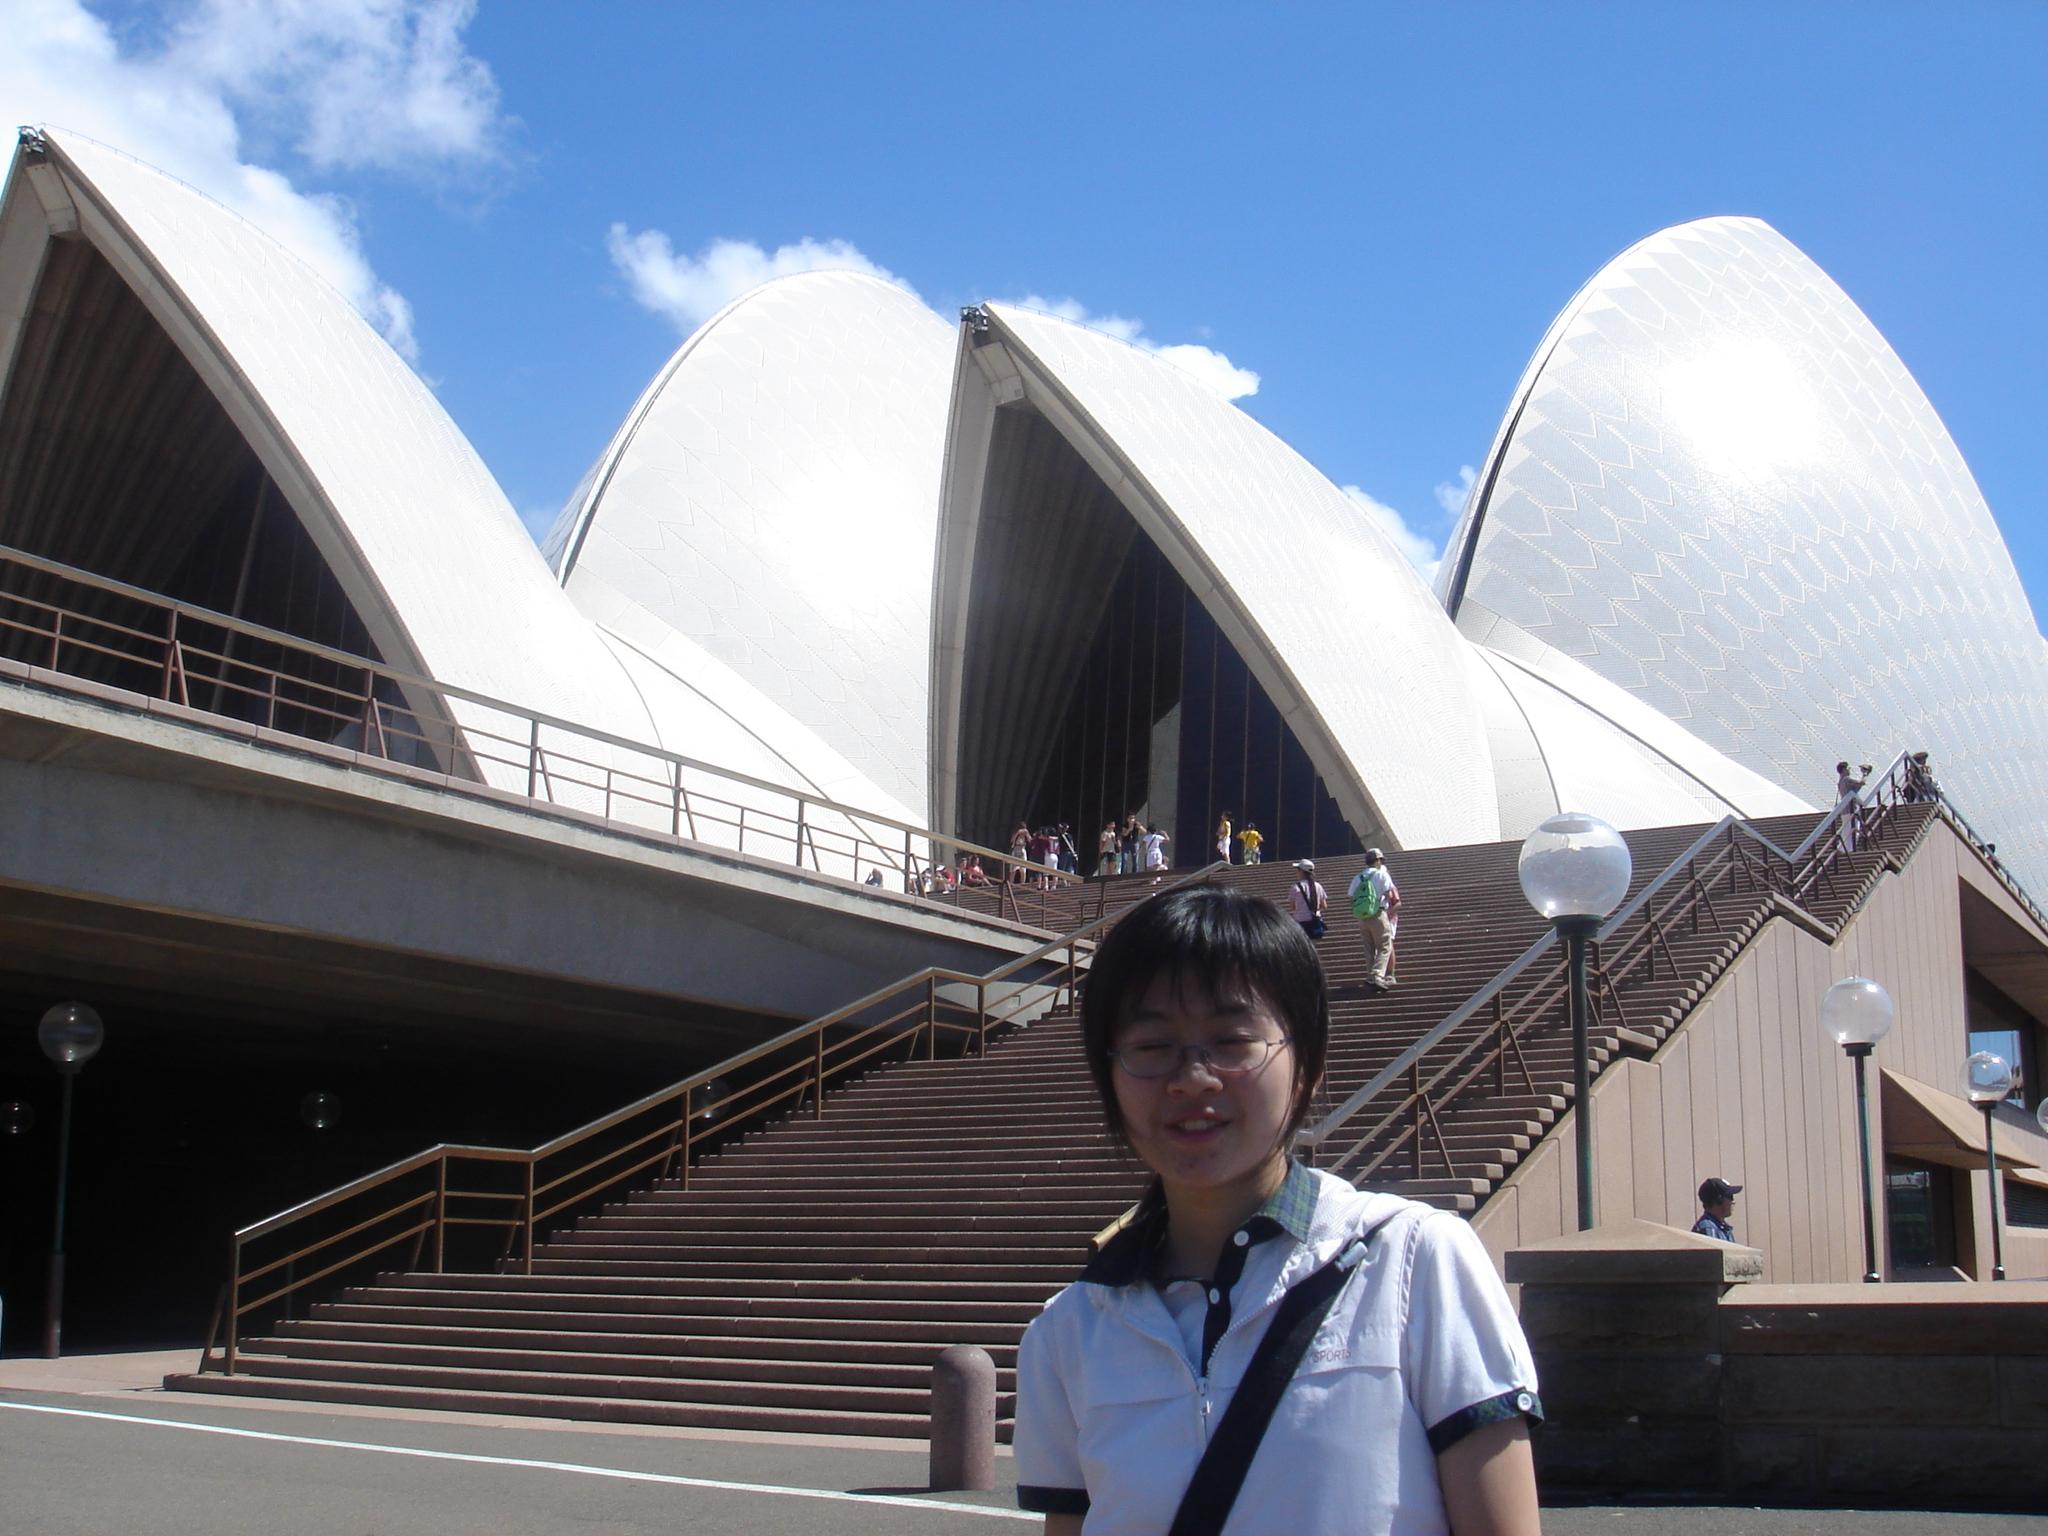 【携程攻略】悉尼悉尼歌剧院景点